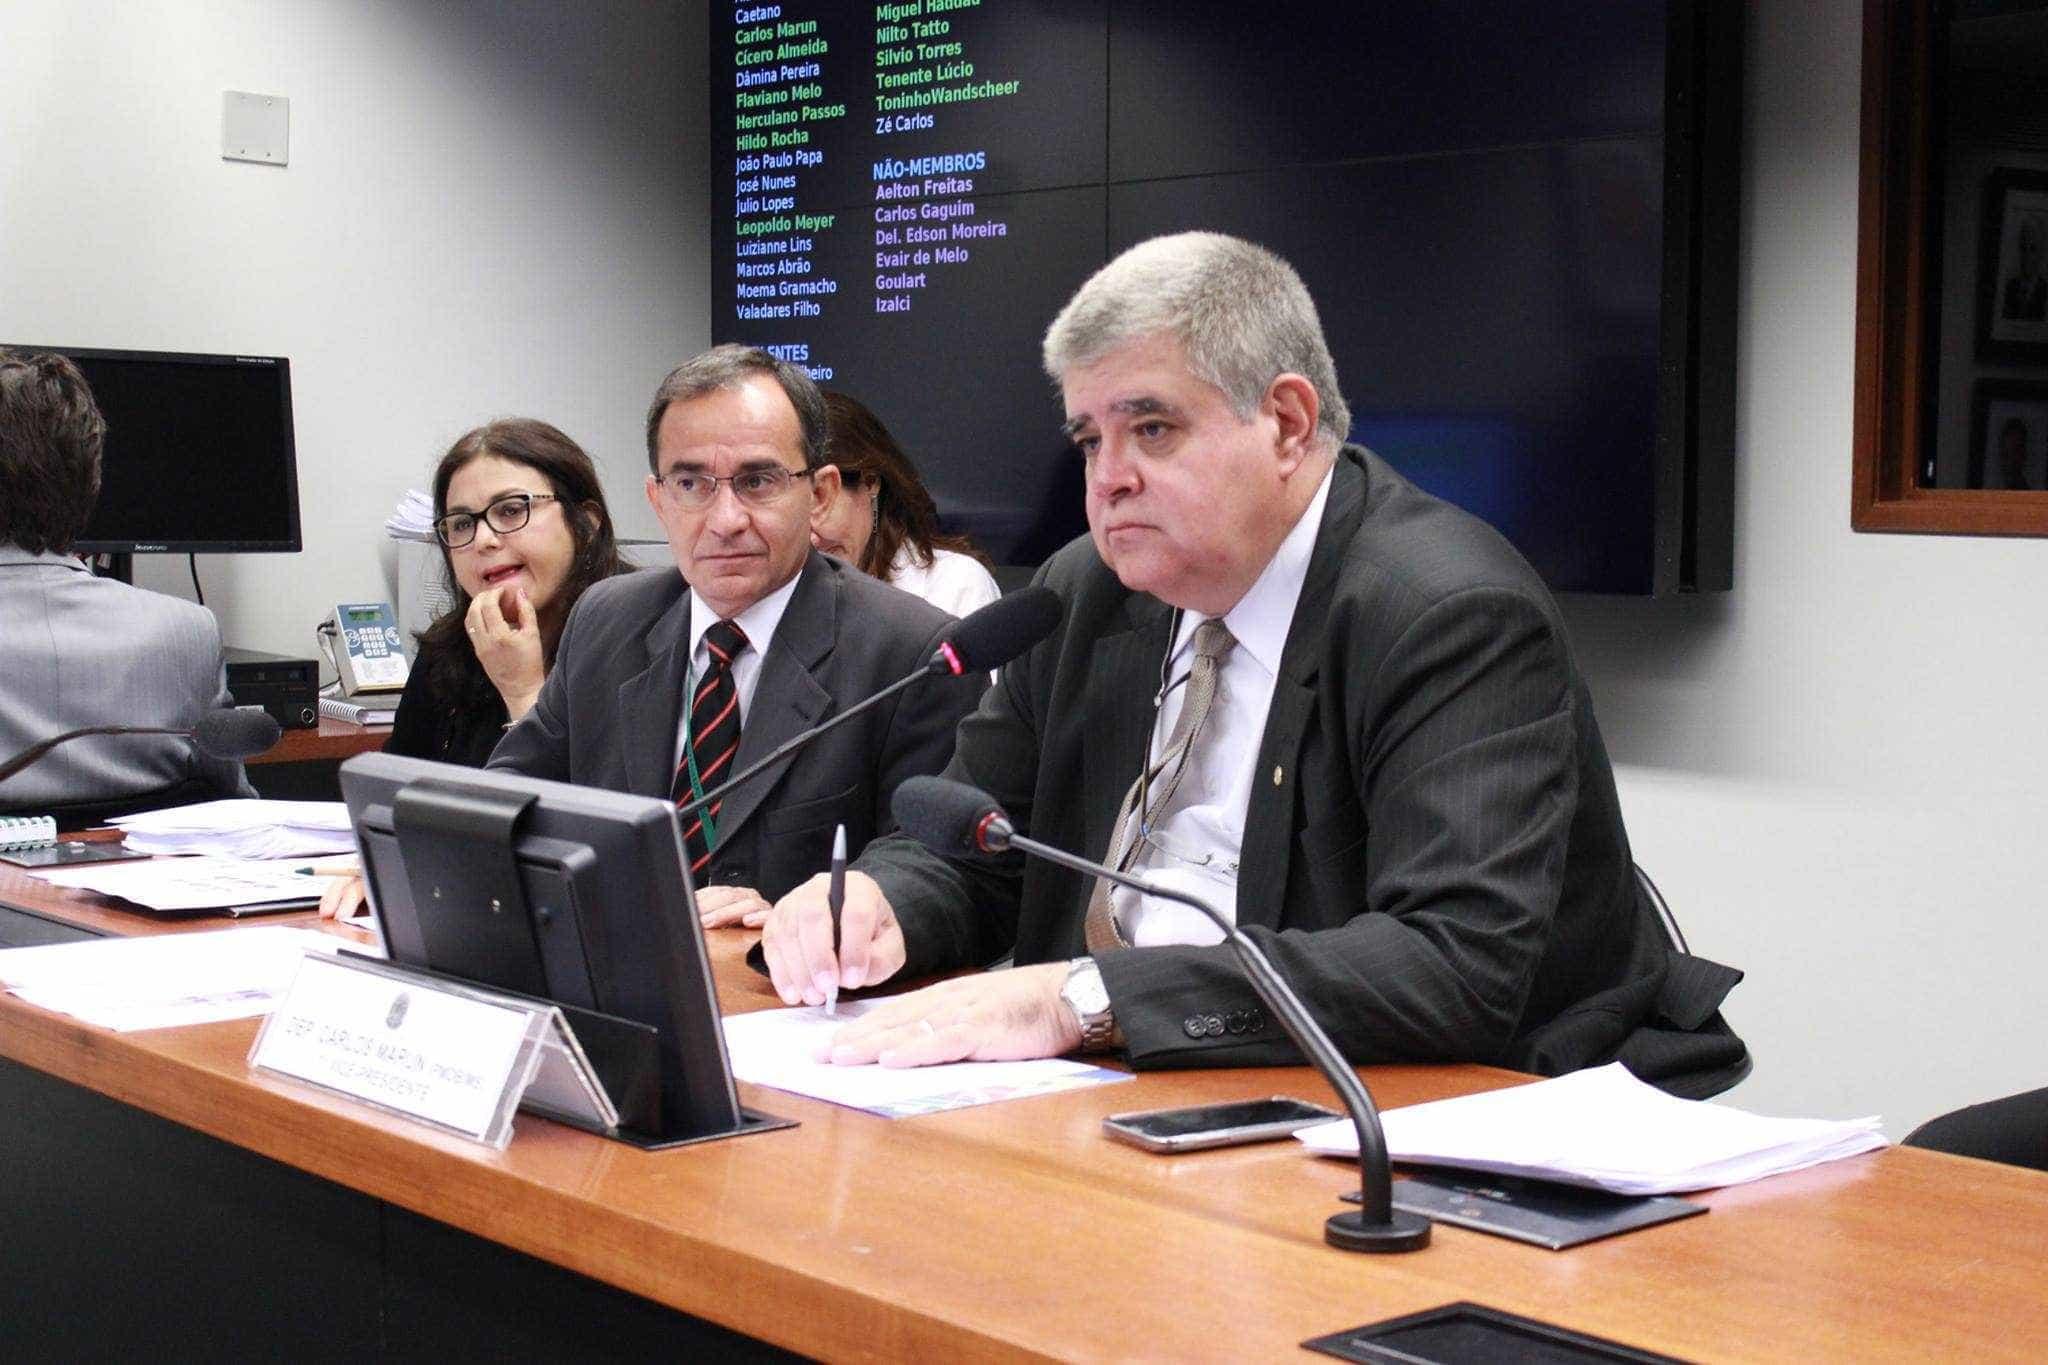 Depoimentos devem começar semana que vem, diz relator de CPI da JBS